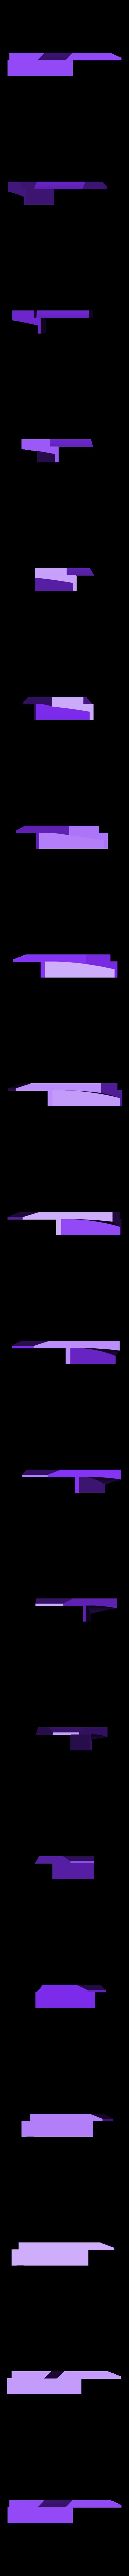 green side left.stl Télécharger fichier STL gratuit 1991 Mazda 787B 3d Voiture RC imprimée de 1991 • Objet à imprimer en 3D, brett